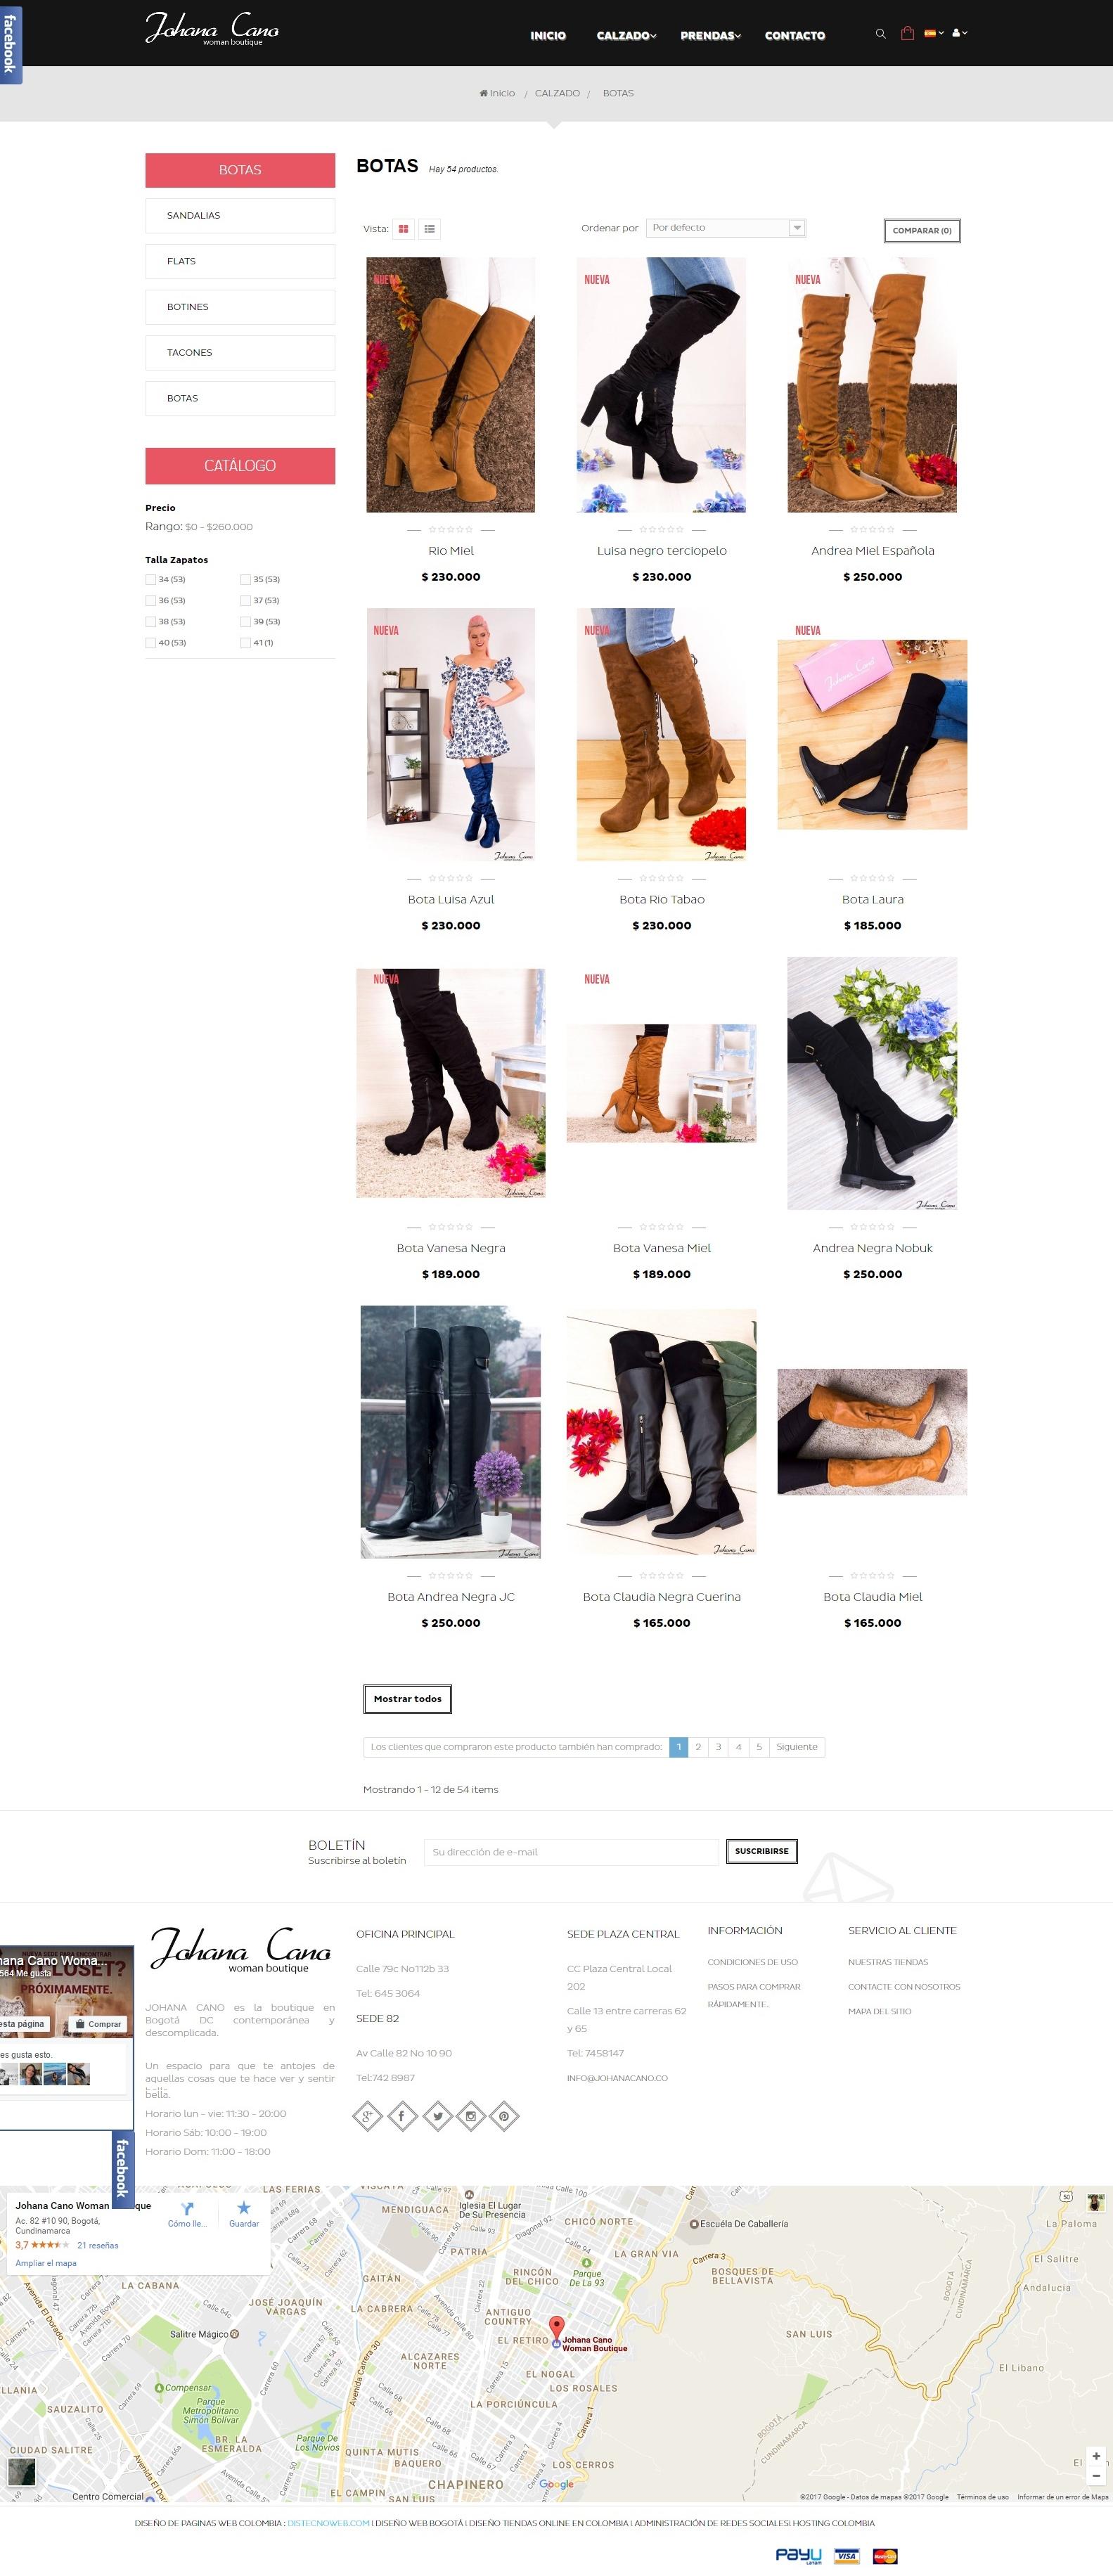 831f43a39411 Johana Cano Importados - Tienda Online de ropa sport y casual para ...